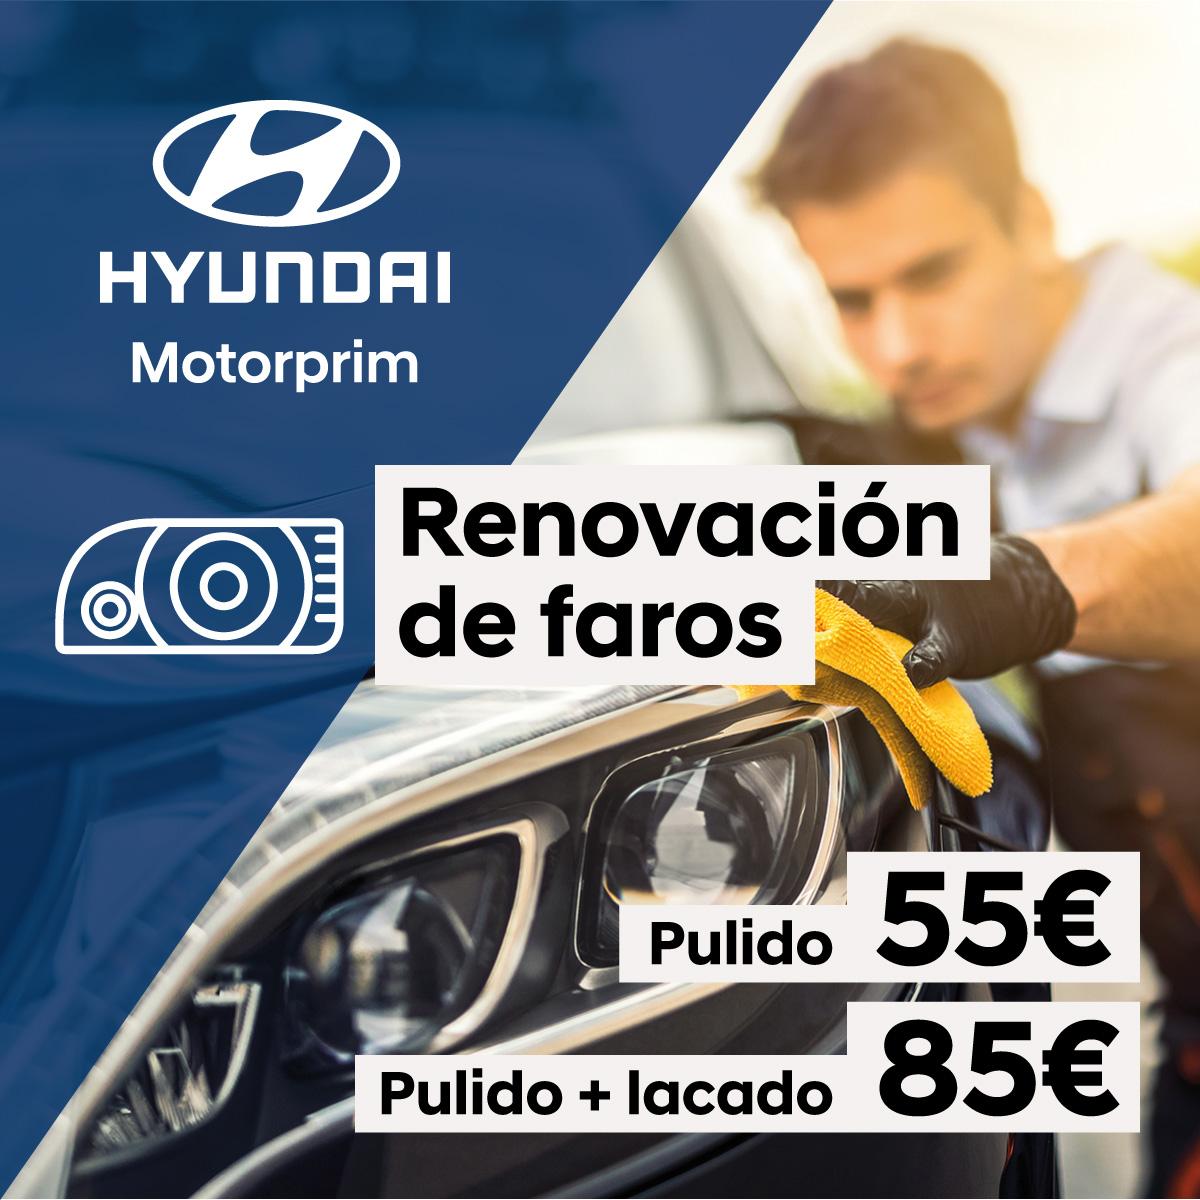 ¡Renueva los faros de tu vehículo por solo 55 euros!